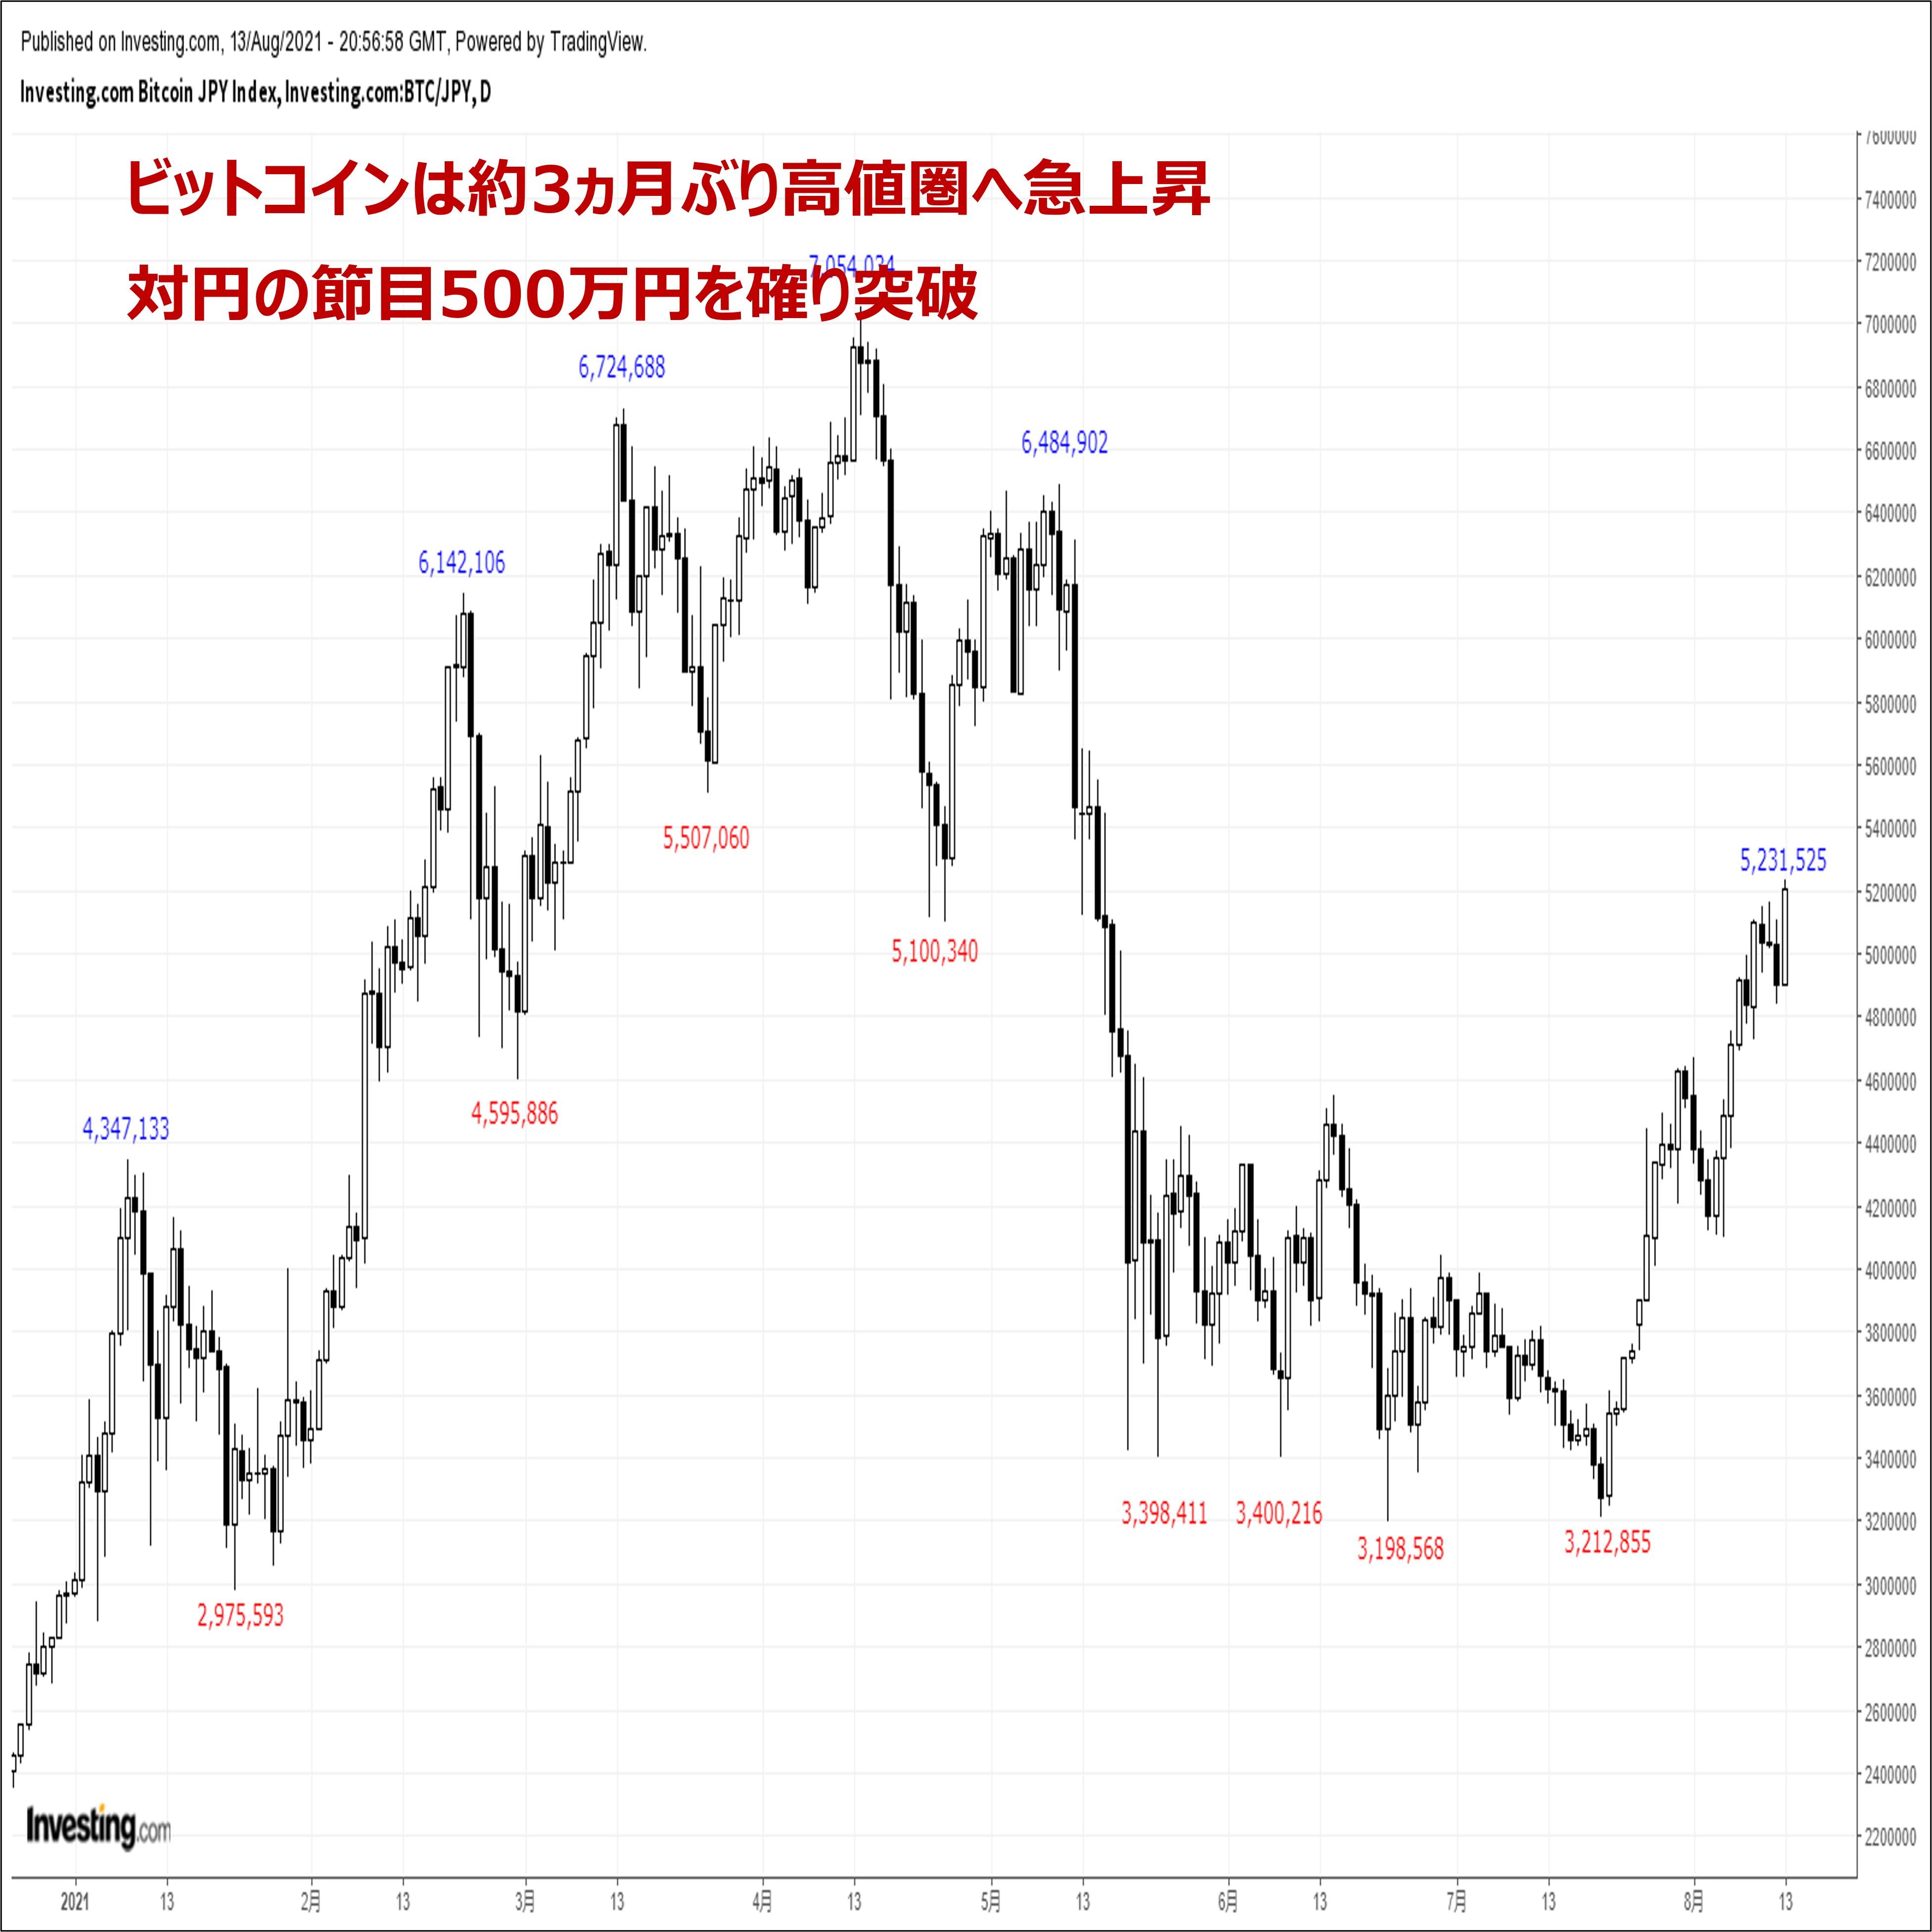 ビットコインの価格分析:『約3ヵ月ぶり高値圏へ続伸。地合いの強さが鮮明に』(8/14)